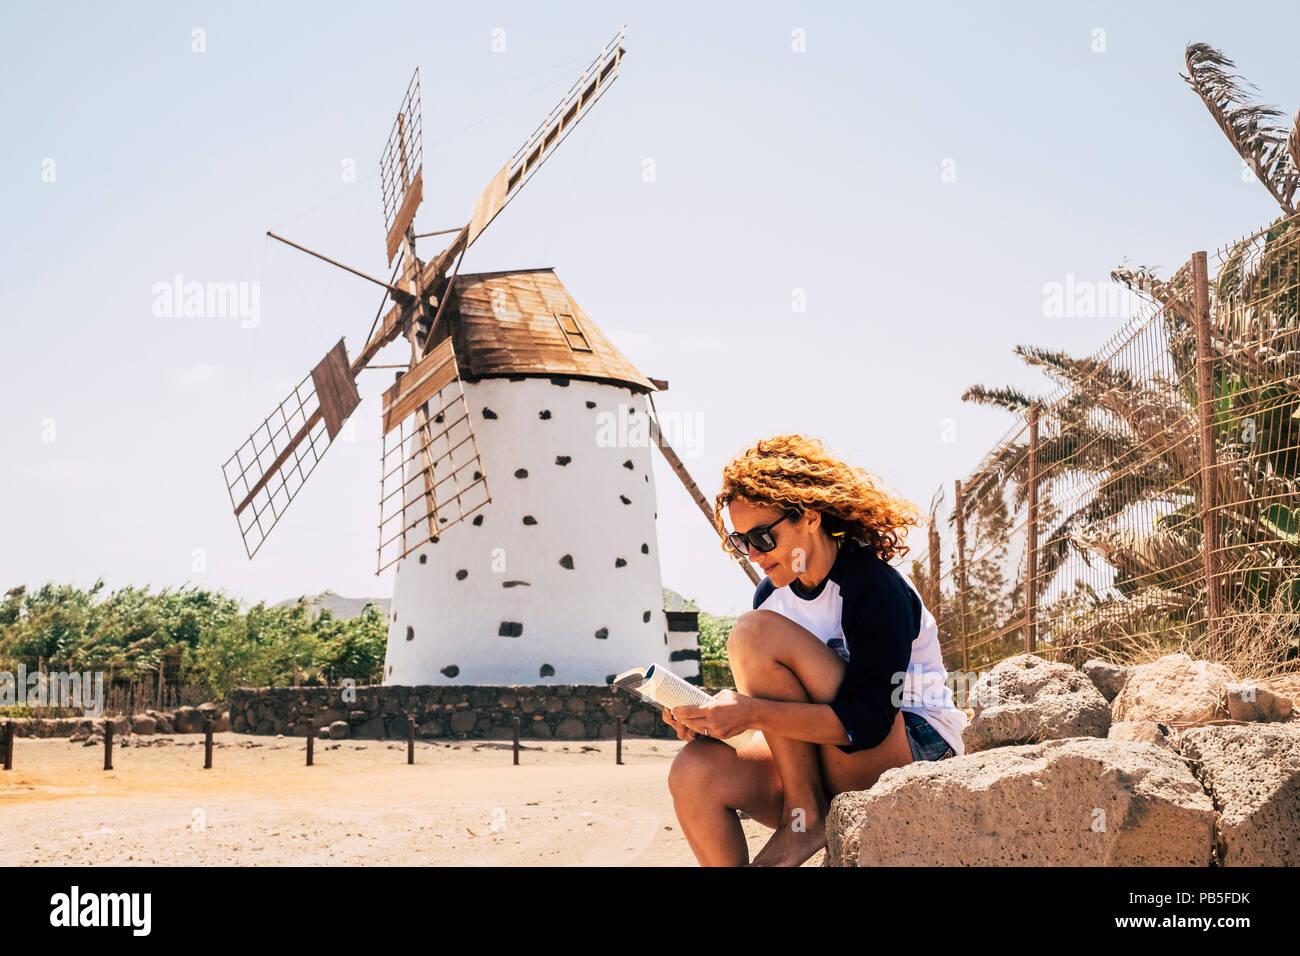 Belle belle dame gaie avec les cheveux bouclés blonds assis sous un moulin à vent dans l'air extérieur lieu pittoresque de lire un livre et profiter de l'activité de loisirs. Photo Stock